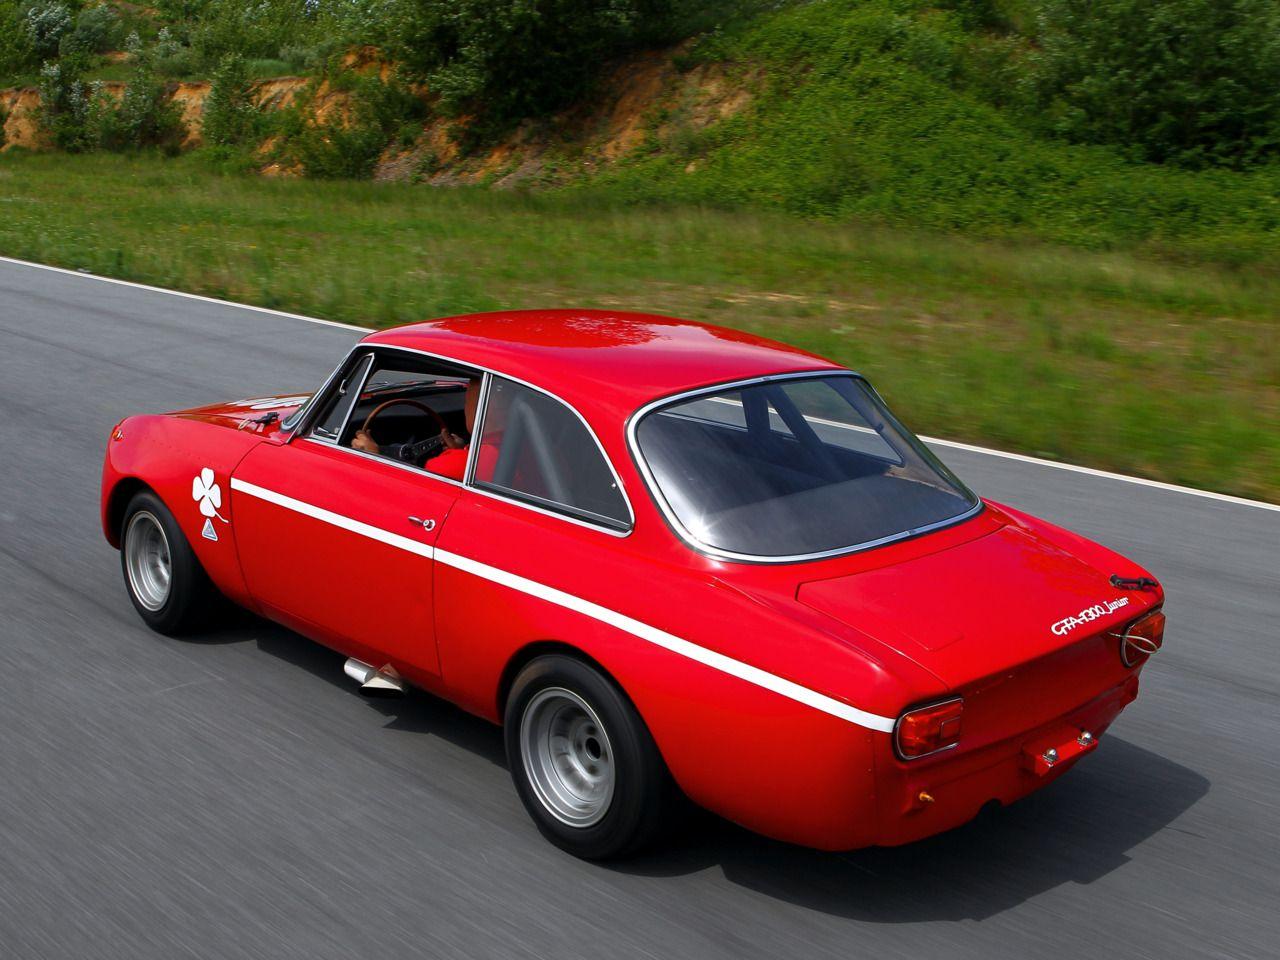 1968 alfa romeo giulia 1300 gta junior corsa | things i like